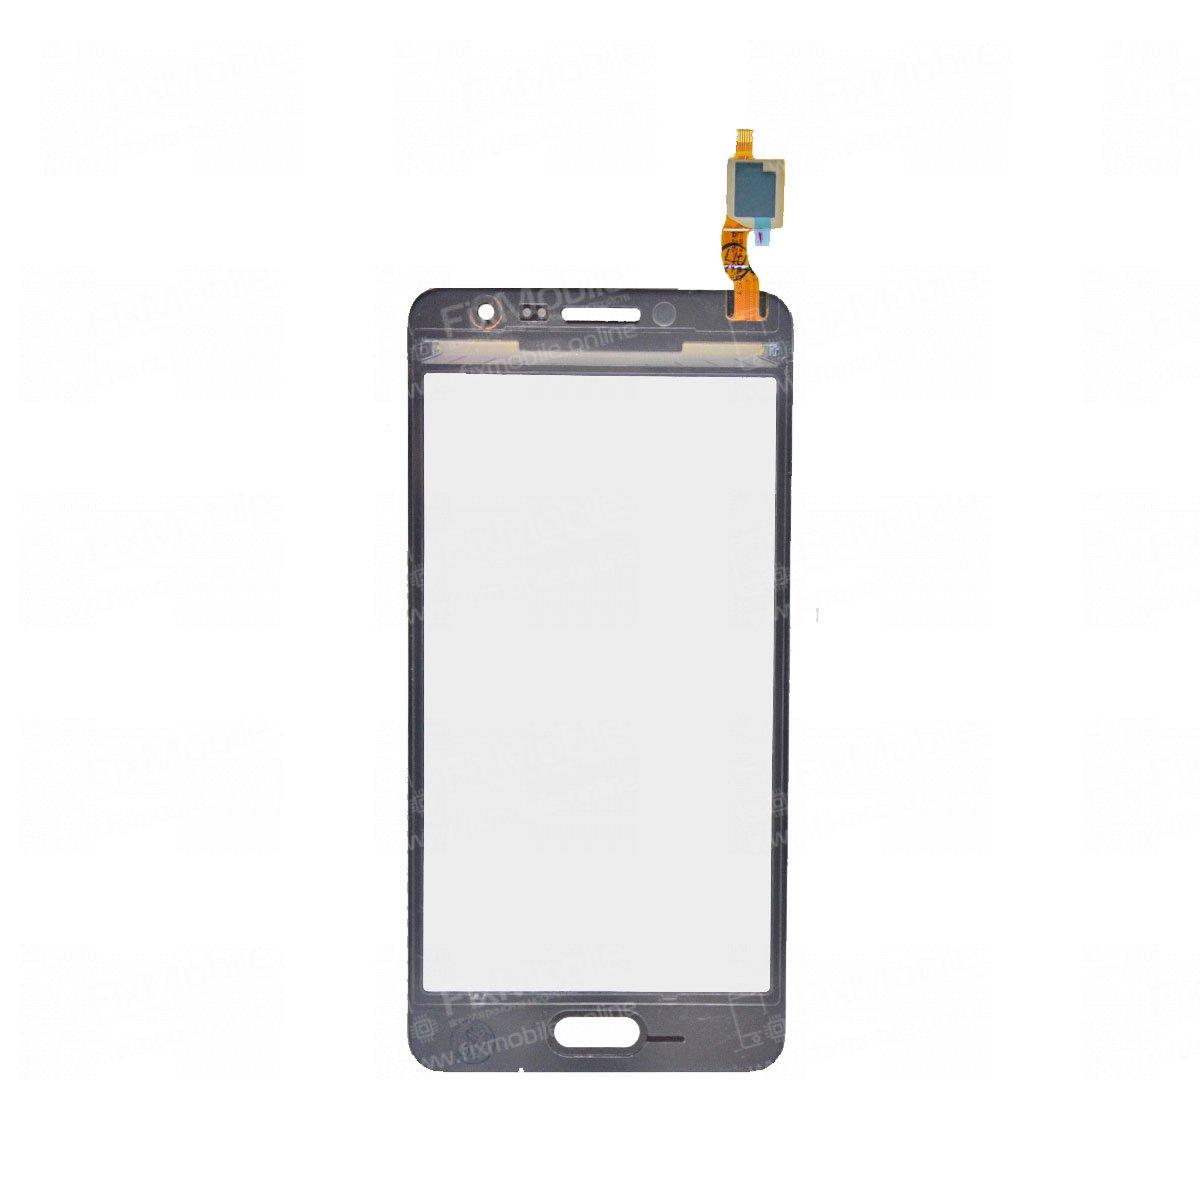 Тачскрин (сенсор) для Samsung Galaxy J2 Prime (G532F) (черный)